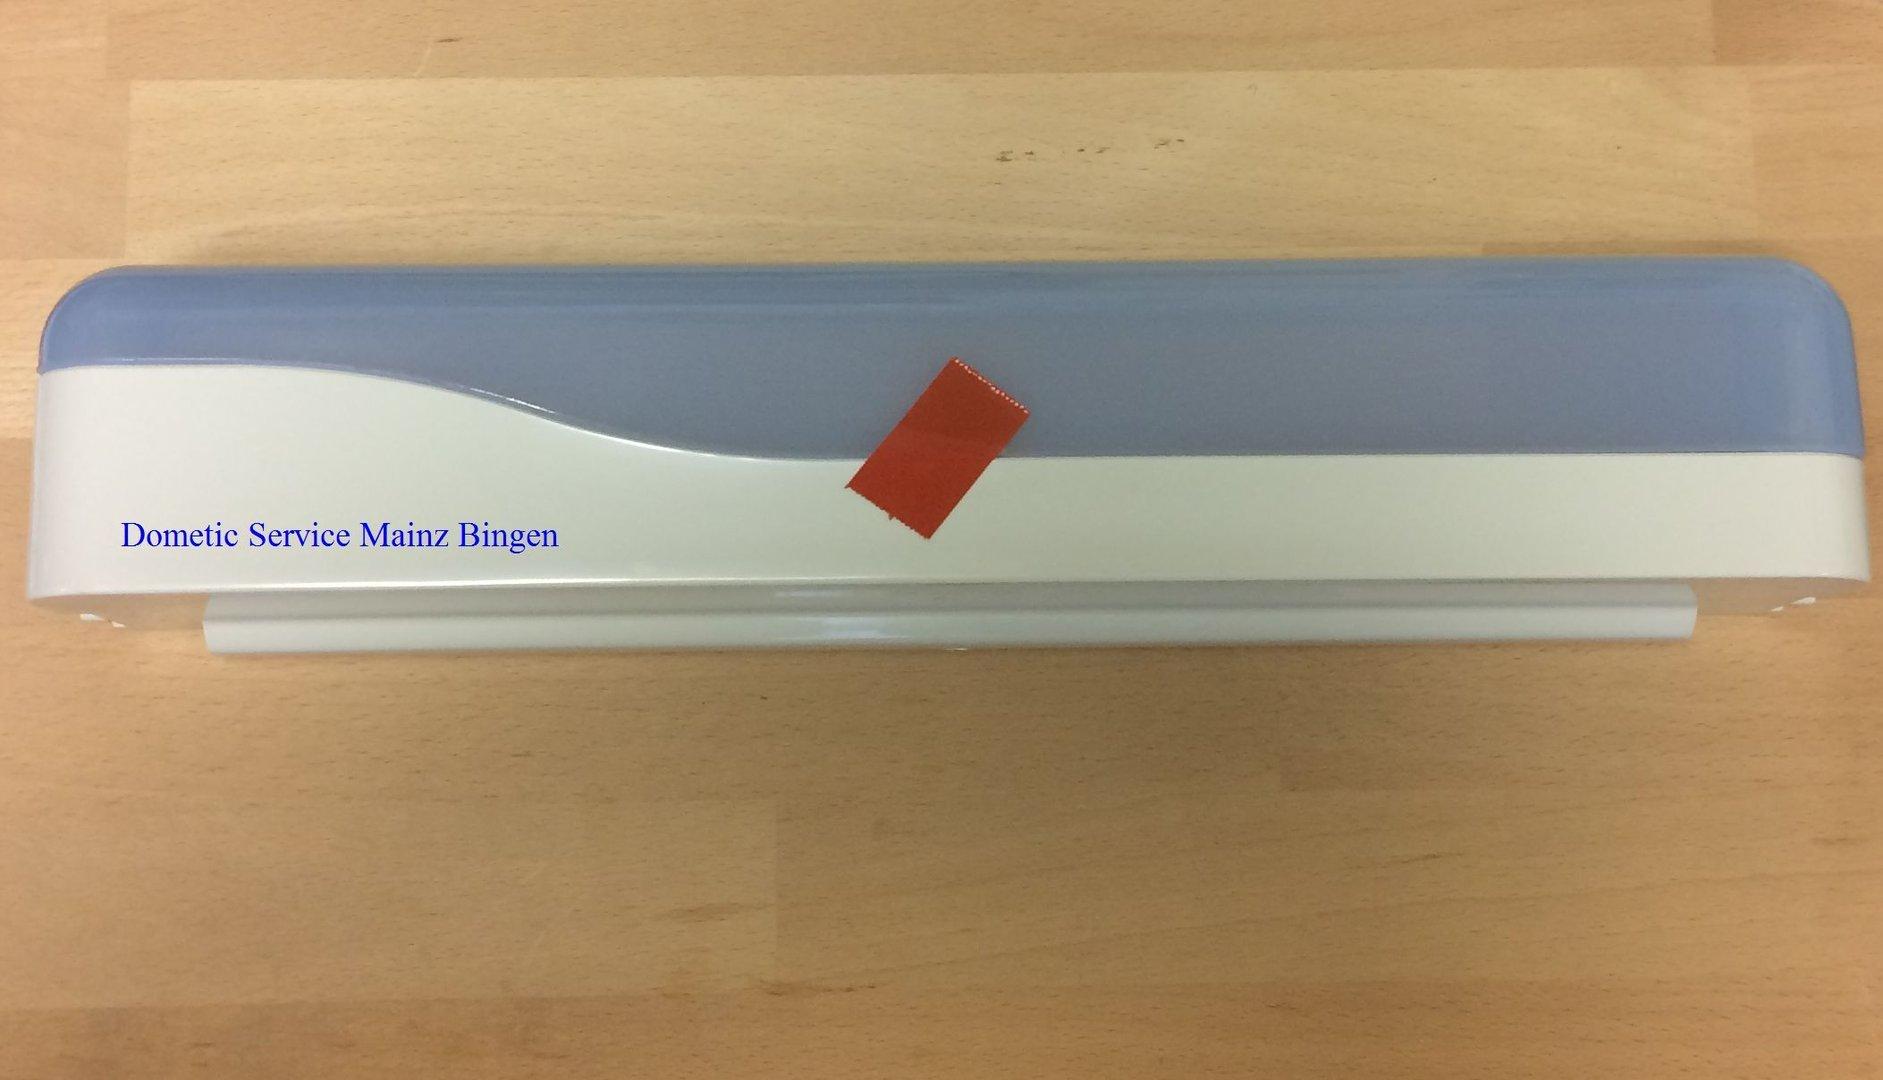 Kühlschrank Türfach : Türfach dometic electrolux kühlschrank serie rm73xx rm62xx rm72xx